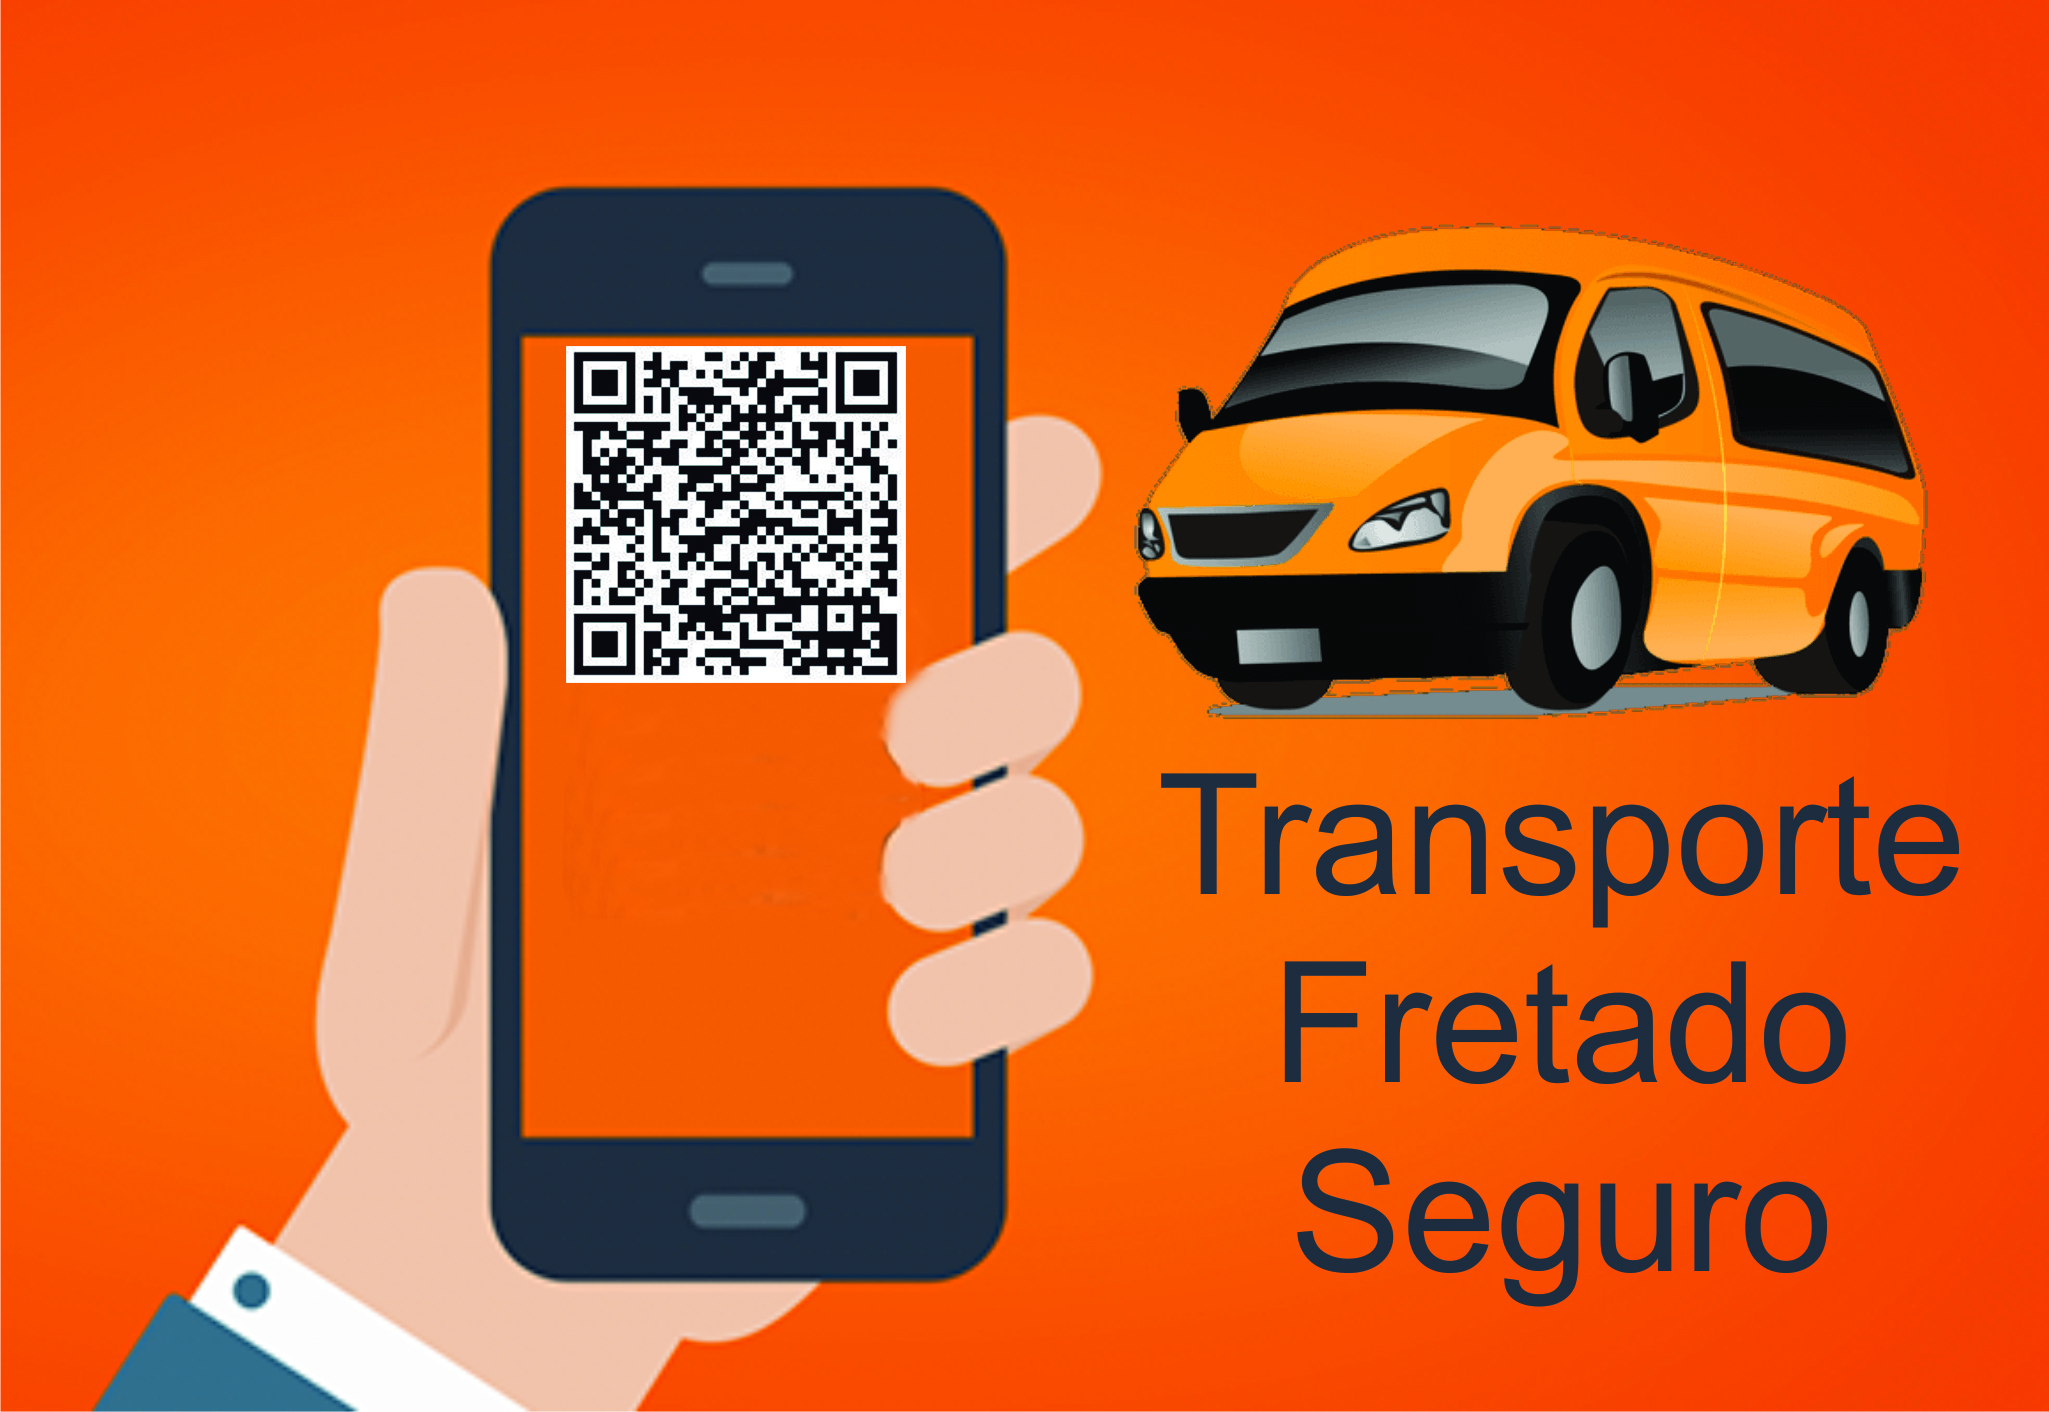 DER-MG disponibiliza QR Code para facilitar verificação do transporte fretado